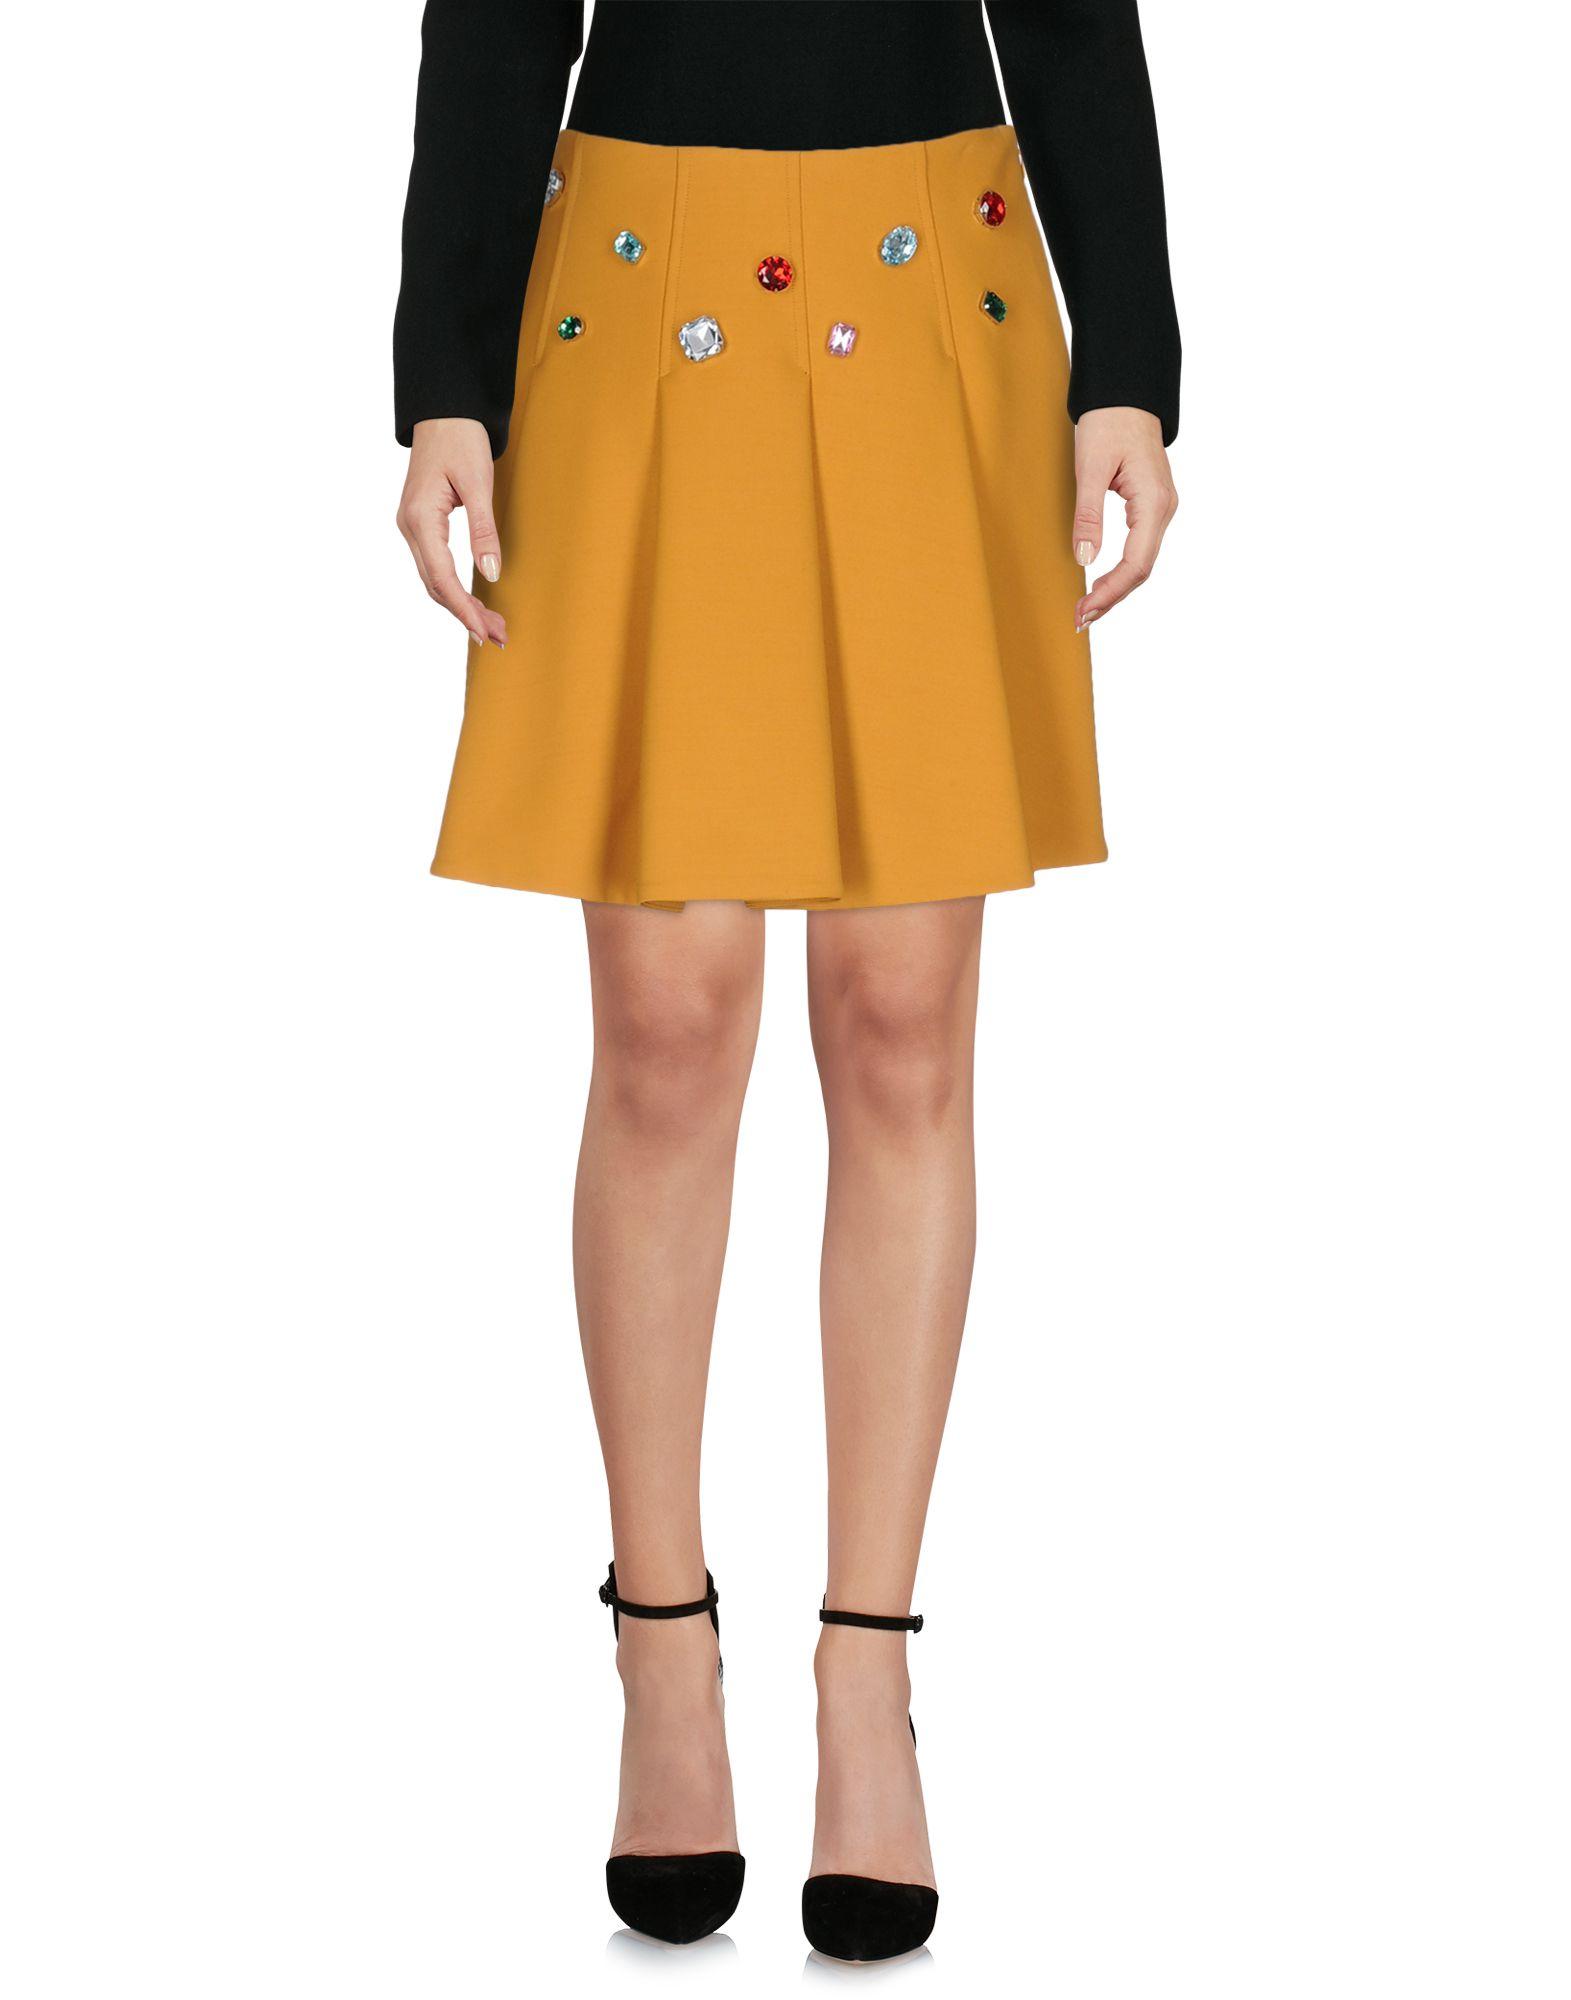 VIVETTA Damen Knielanger Rock Farbe Orange Größe 3